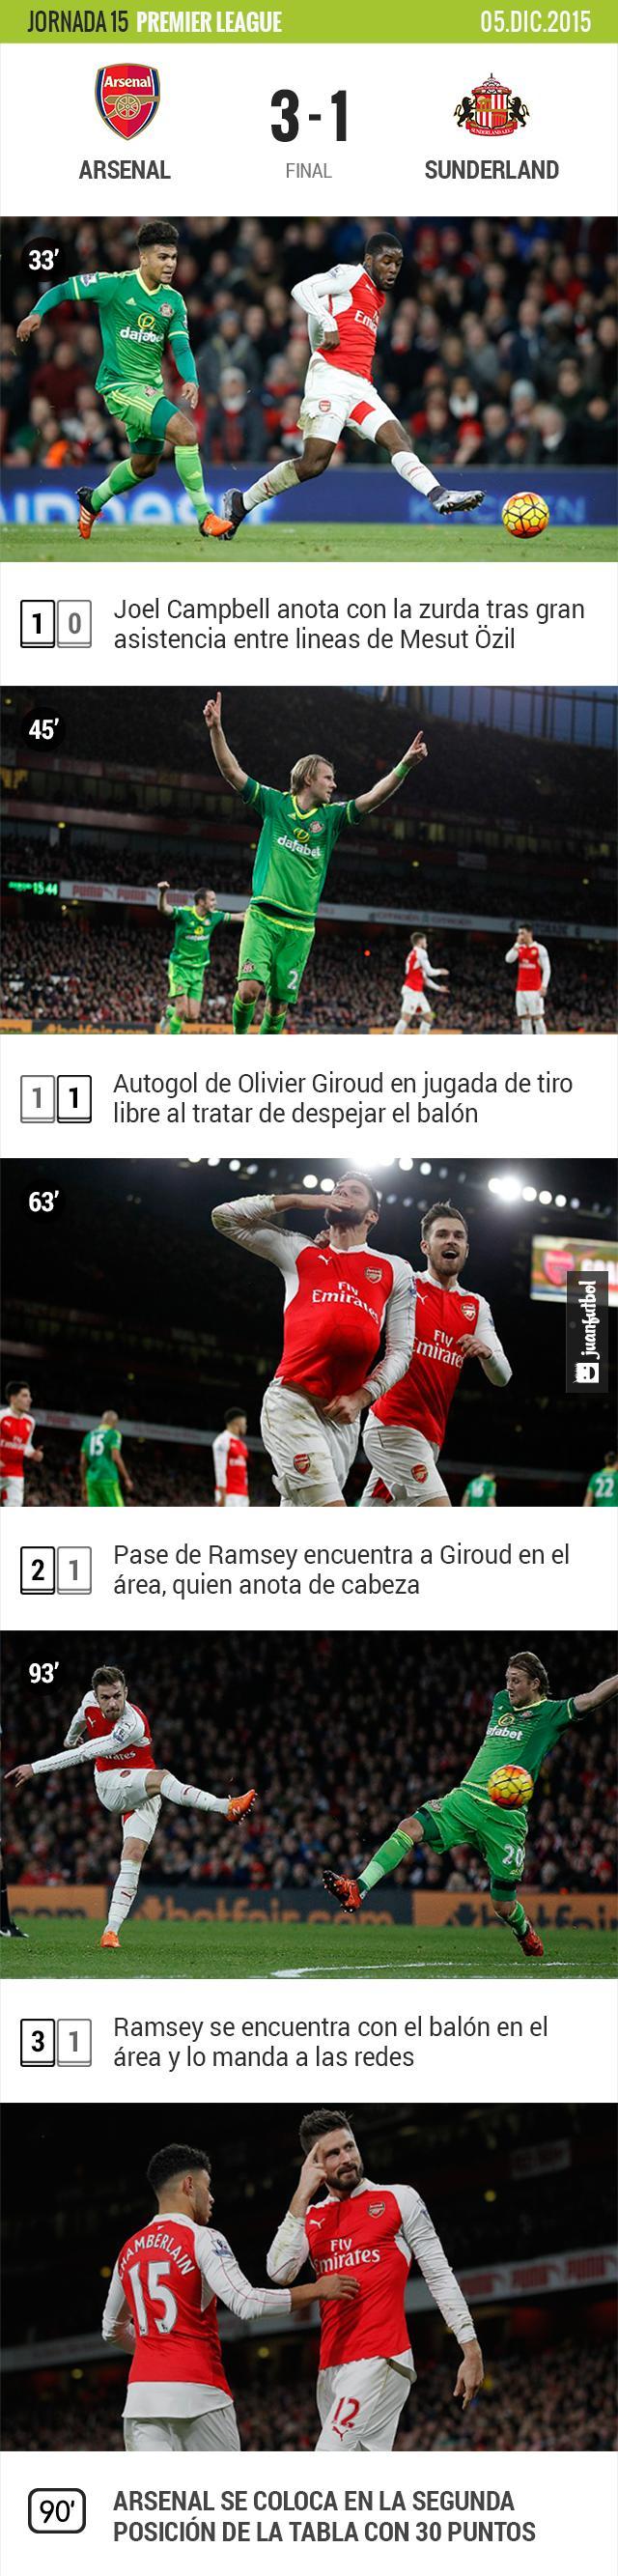 Arsenal domina al Sunderland en casa